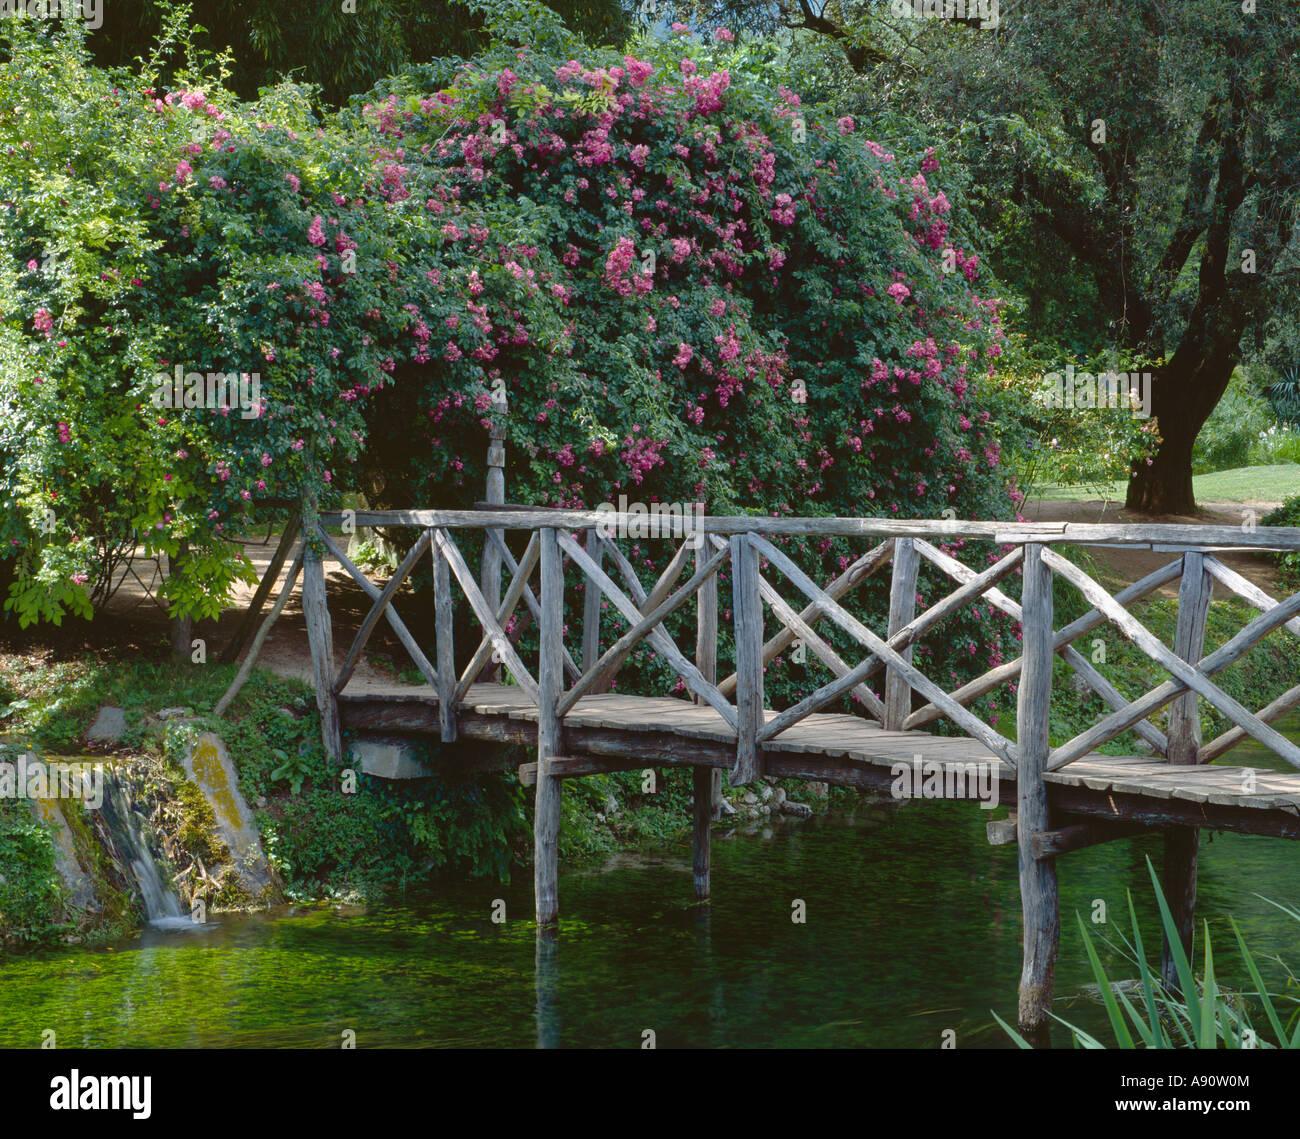 Giardino Di Ninfa Latina Italy Rustic Wooden Bridge